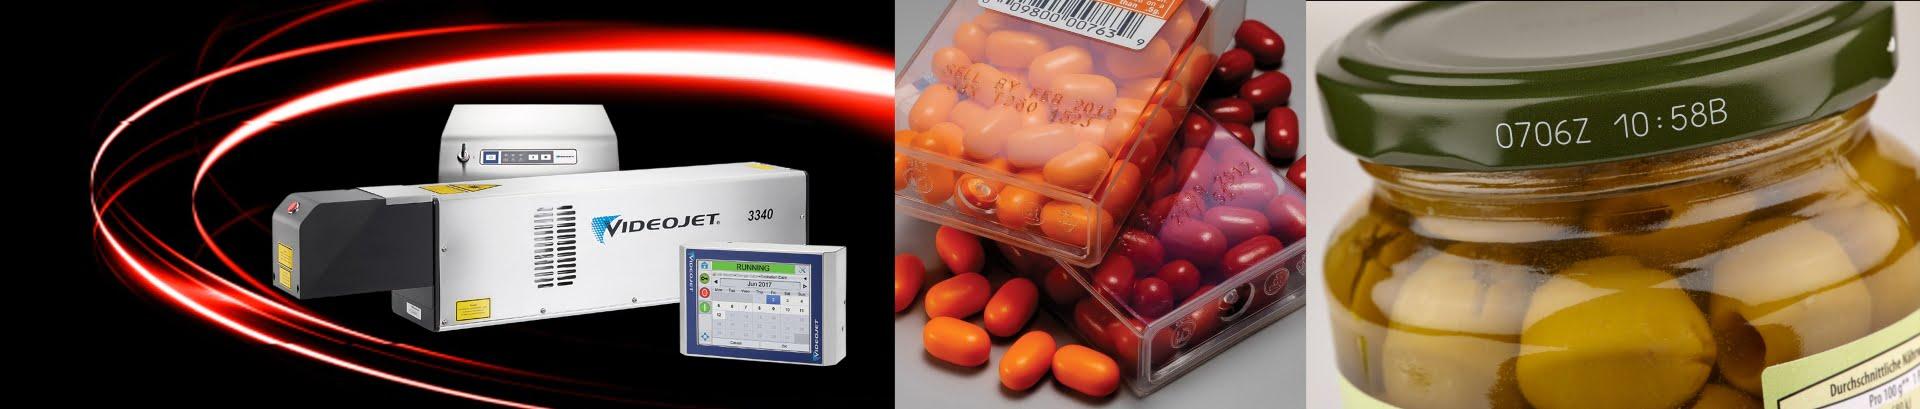 Máy-in-Laser_ngành-rau-củ-quả